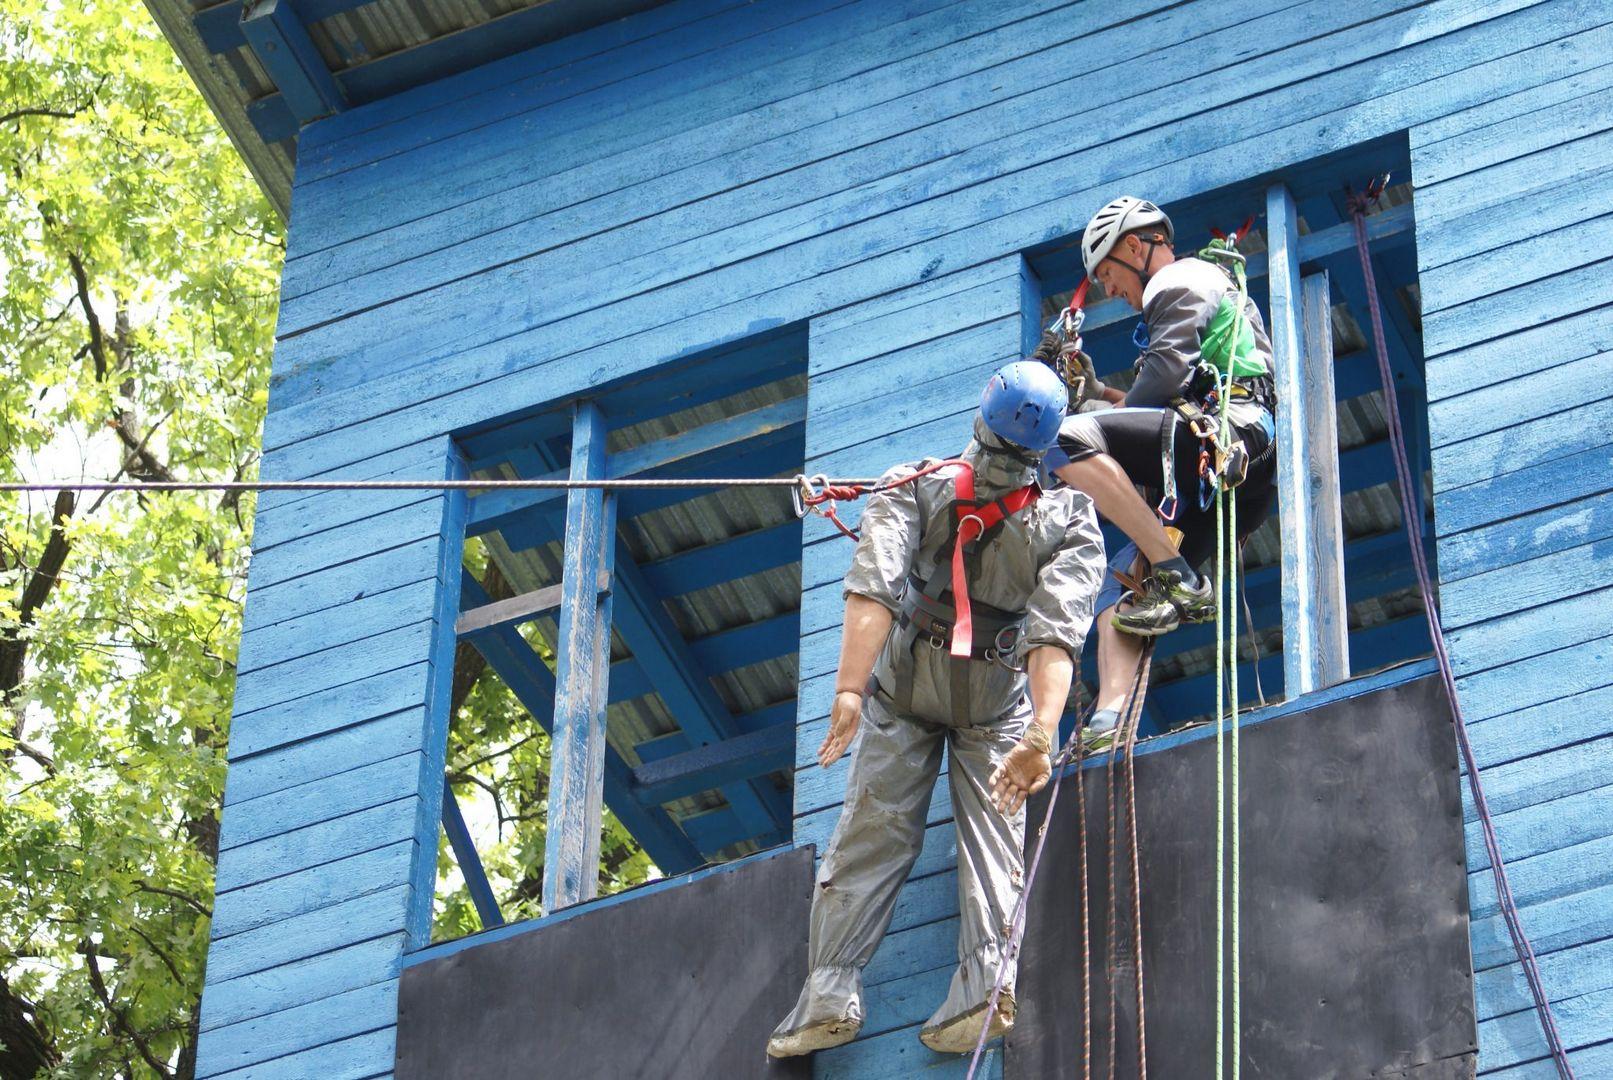 альпинист, спасатели, конкурс, лучший спасатель, спасатели Москвы, департамент ГО ЧС, первая помощь, манекен